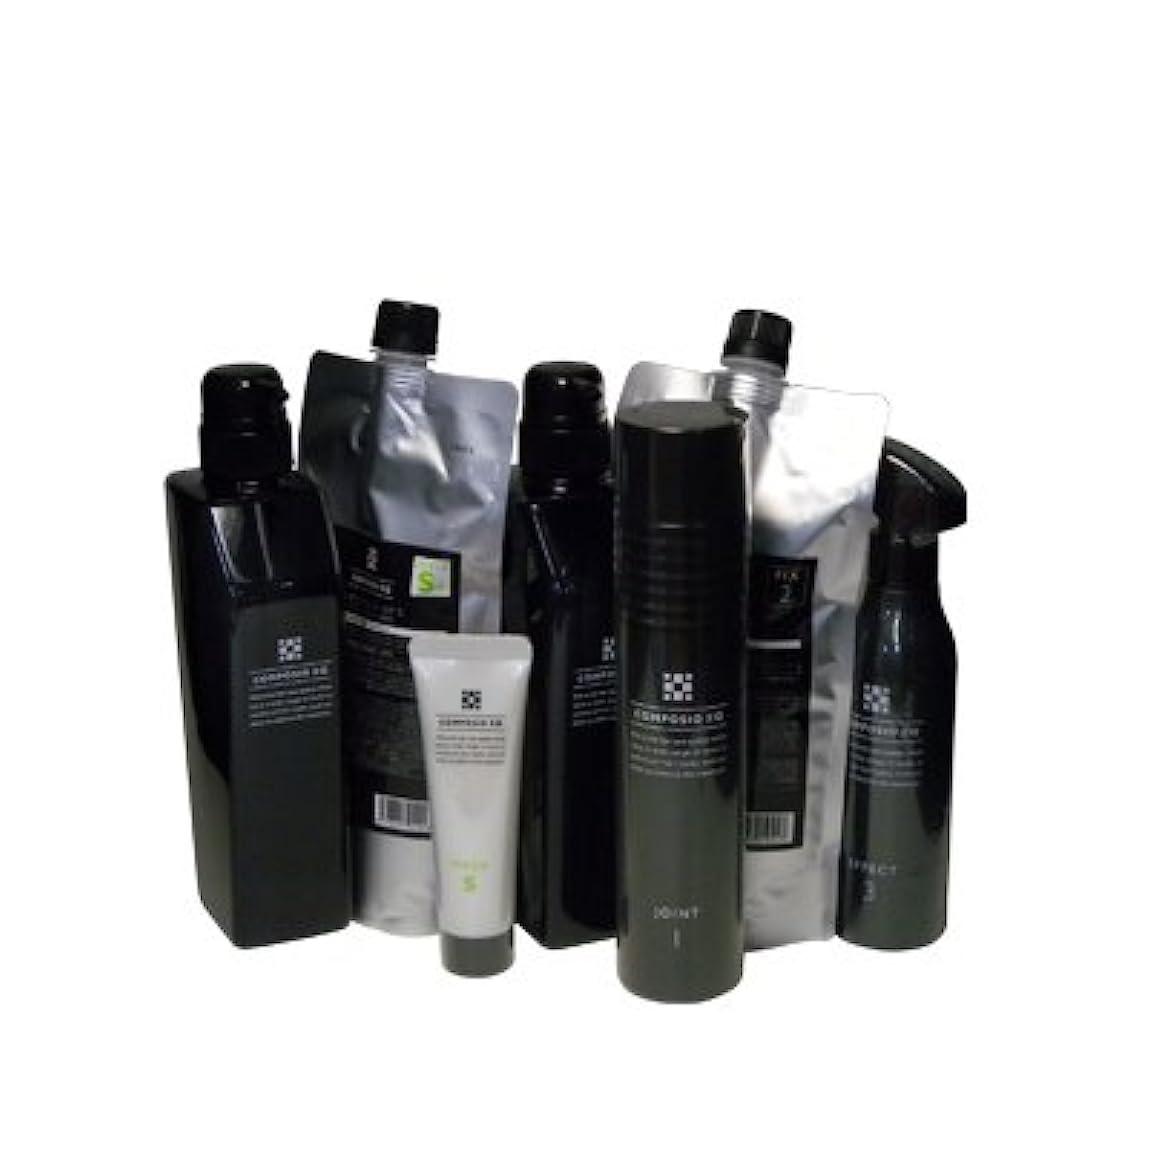 袋性格部分的にデミ コンポジオ EQ フルセットS(ジョイント+フィックス+エフェクト+シールドS+マスクS)